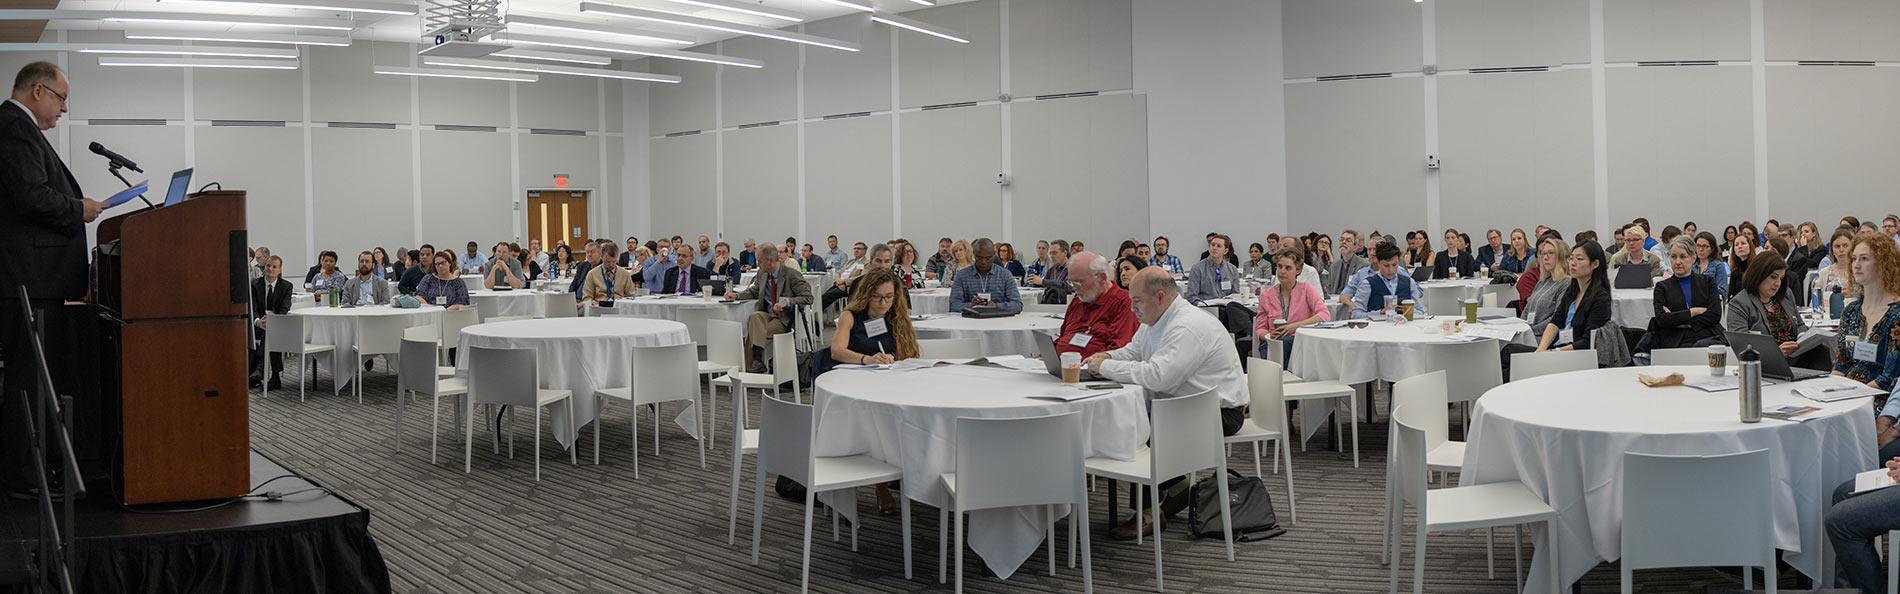 ACS Conference 2019-3sm